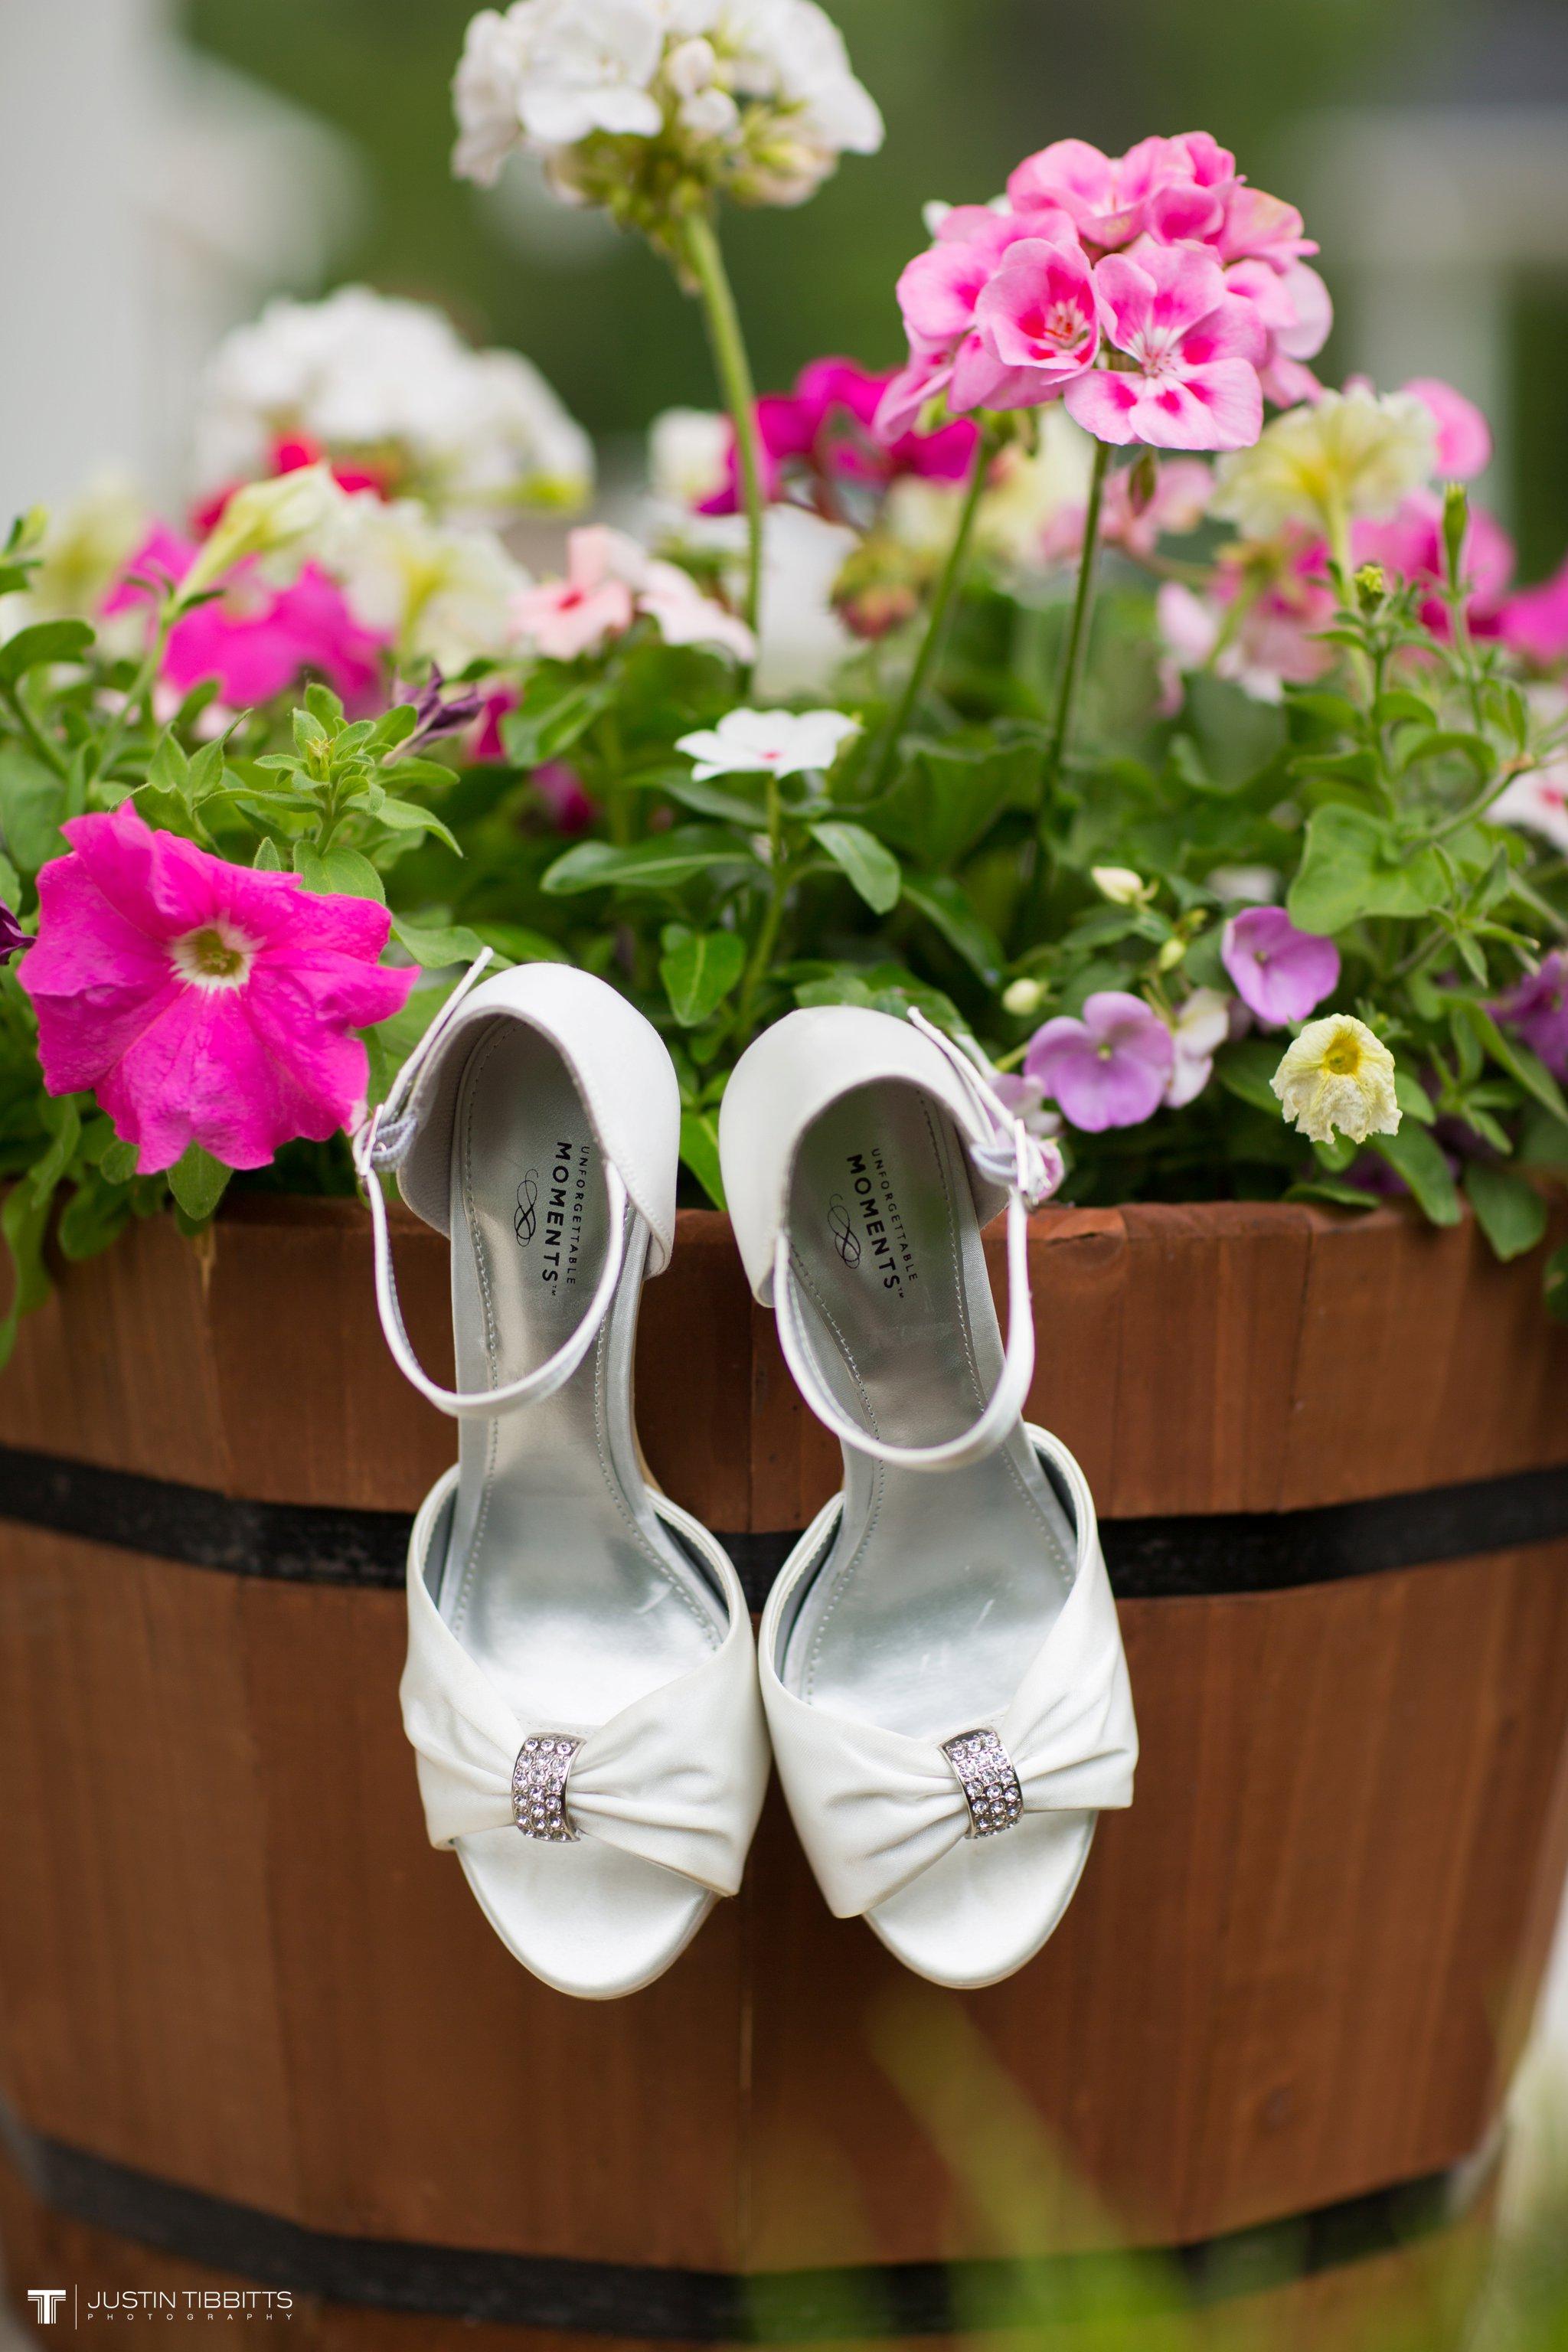 Albany NY Wedding Photographer Justin Tibbitts Photography 2014 Best of Albany NY Weddings-43417